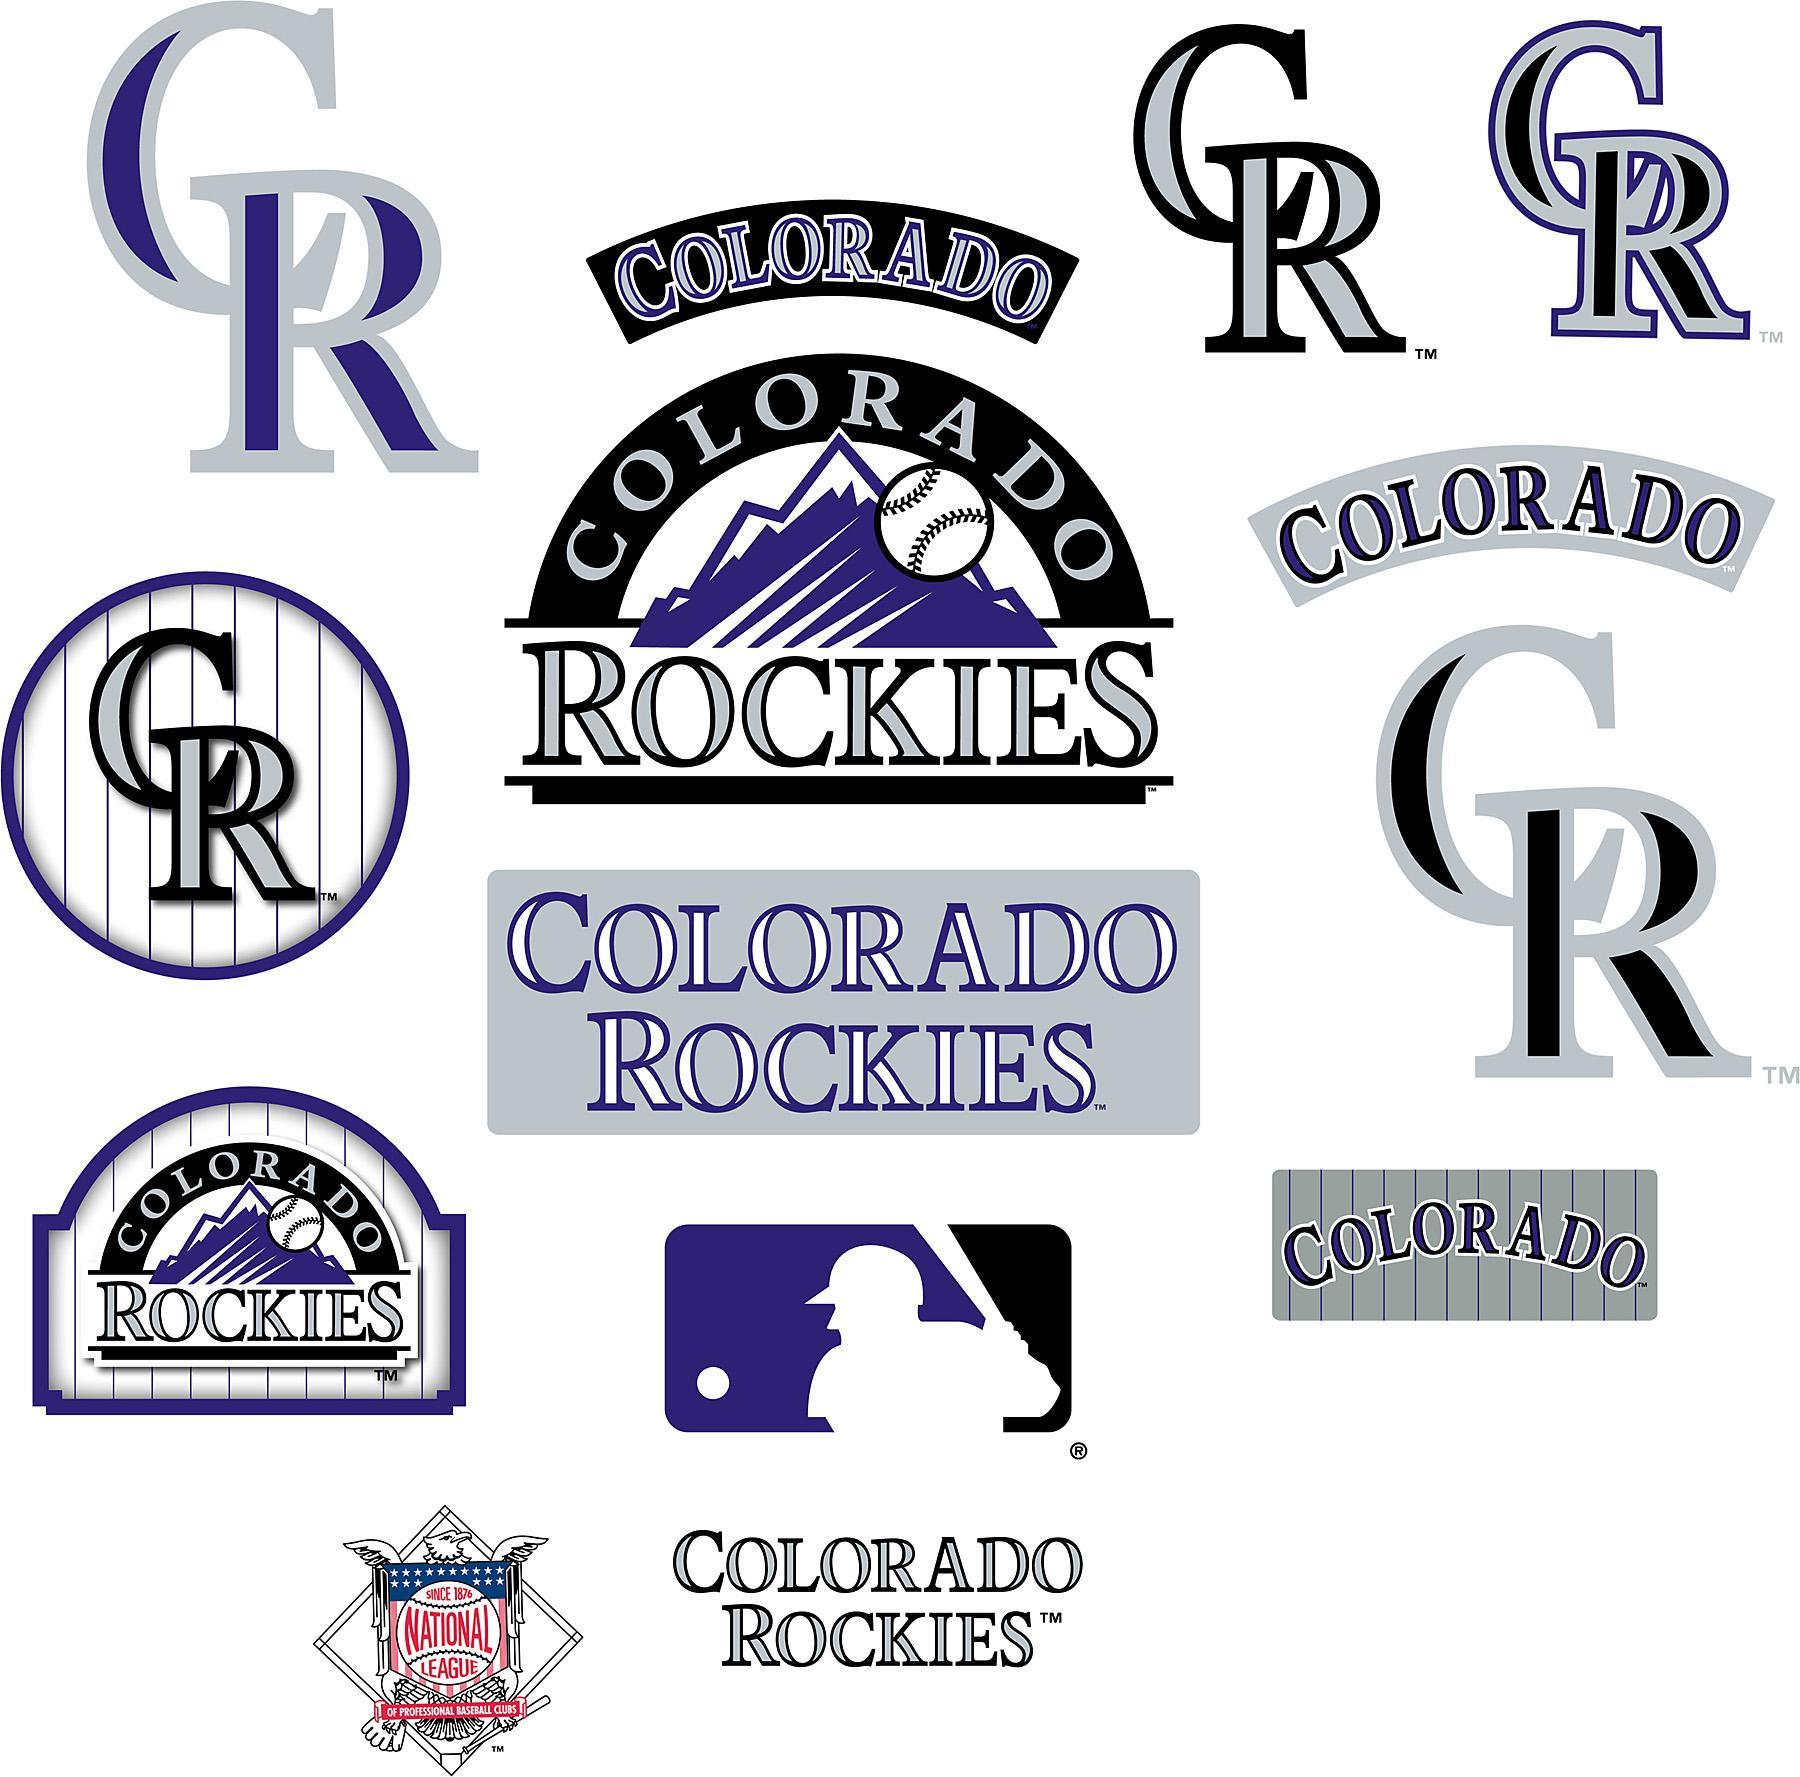 Colorado rockies embroidery logo design